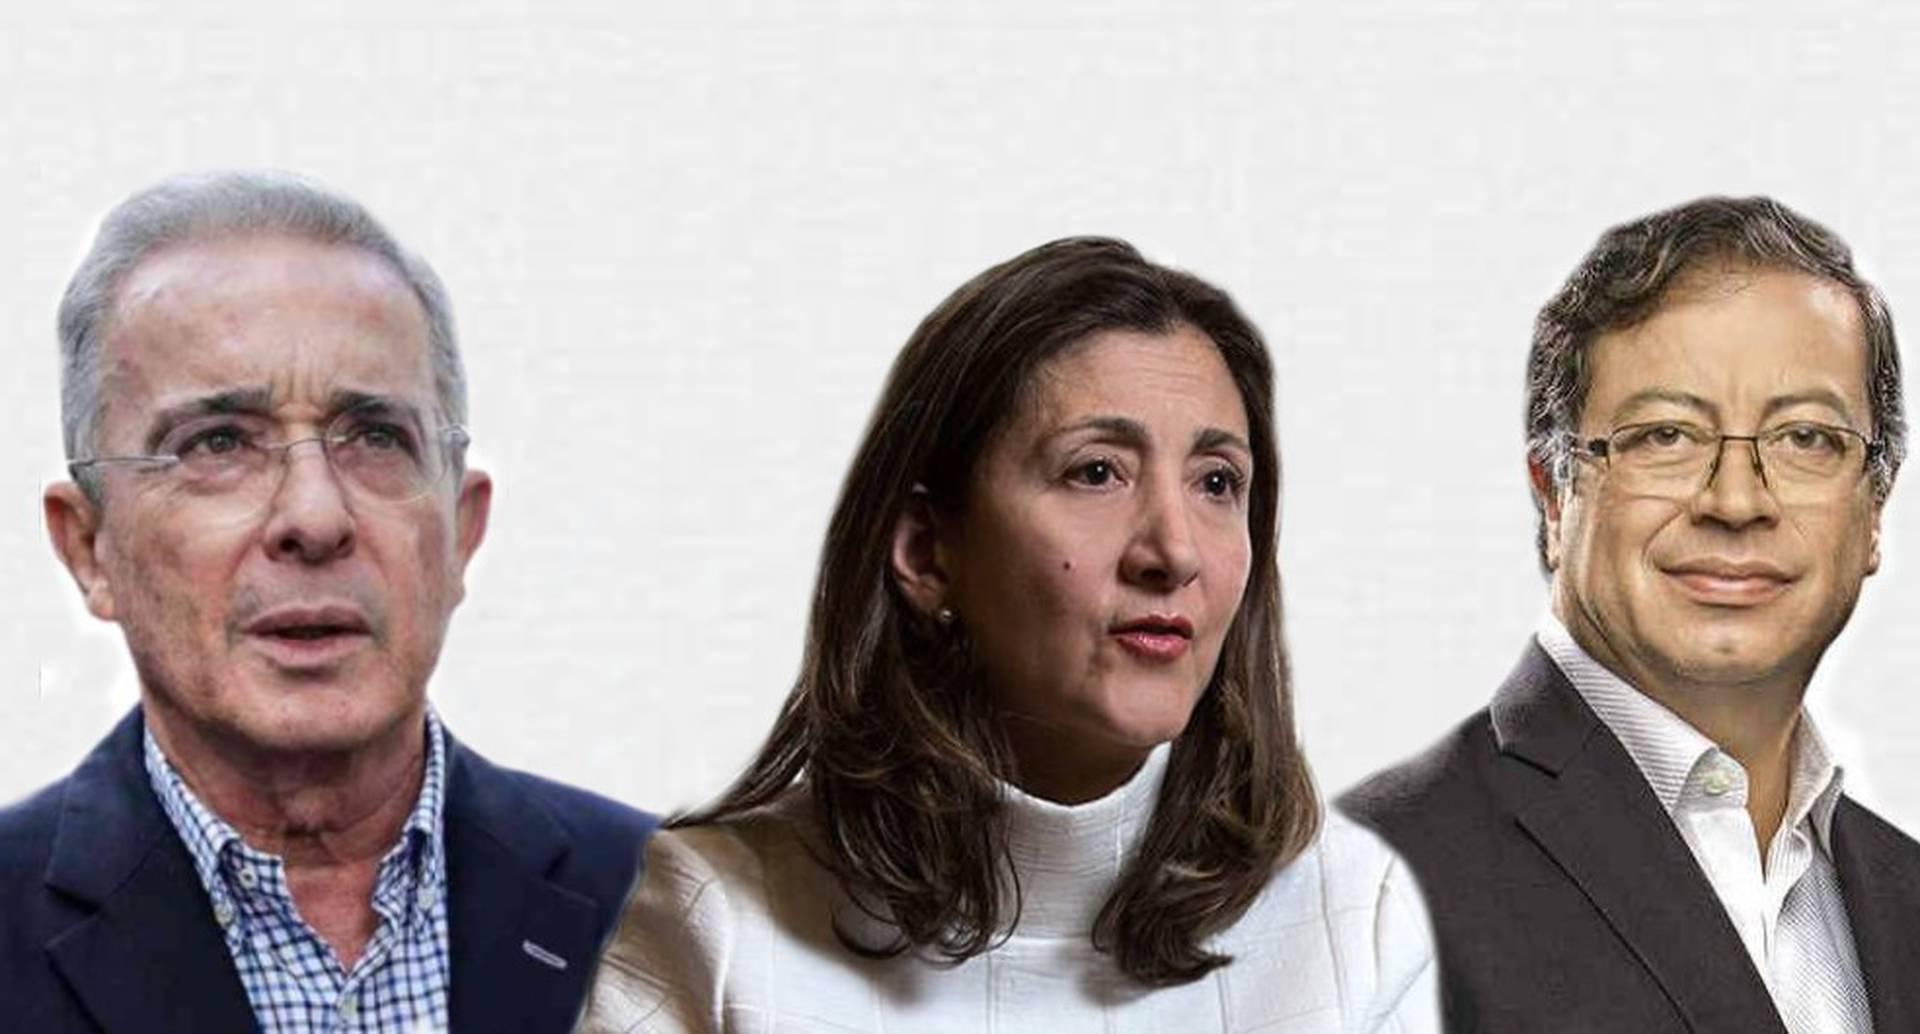 En entrevista con María Jimena Duzán, Íngrid Betancourt recordó la importancia de que Gustavo Petro y Álvaro Uribe moderen sus discursos.